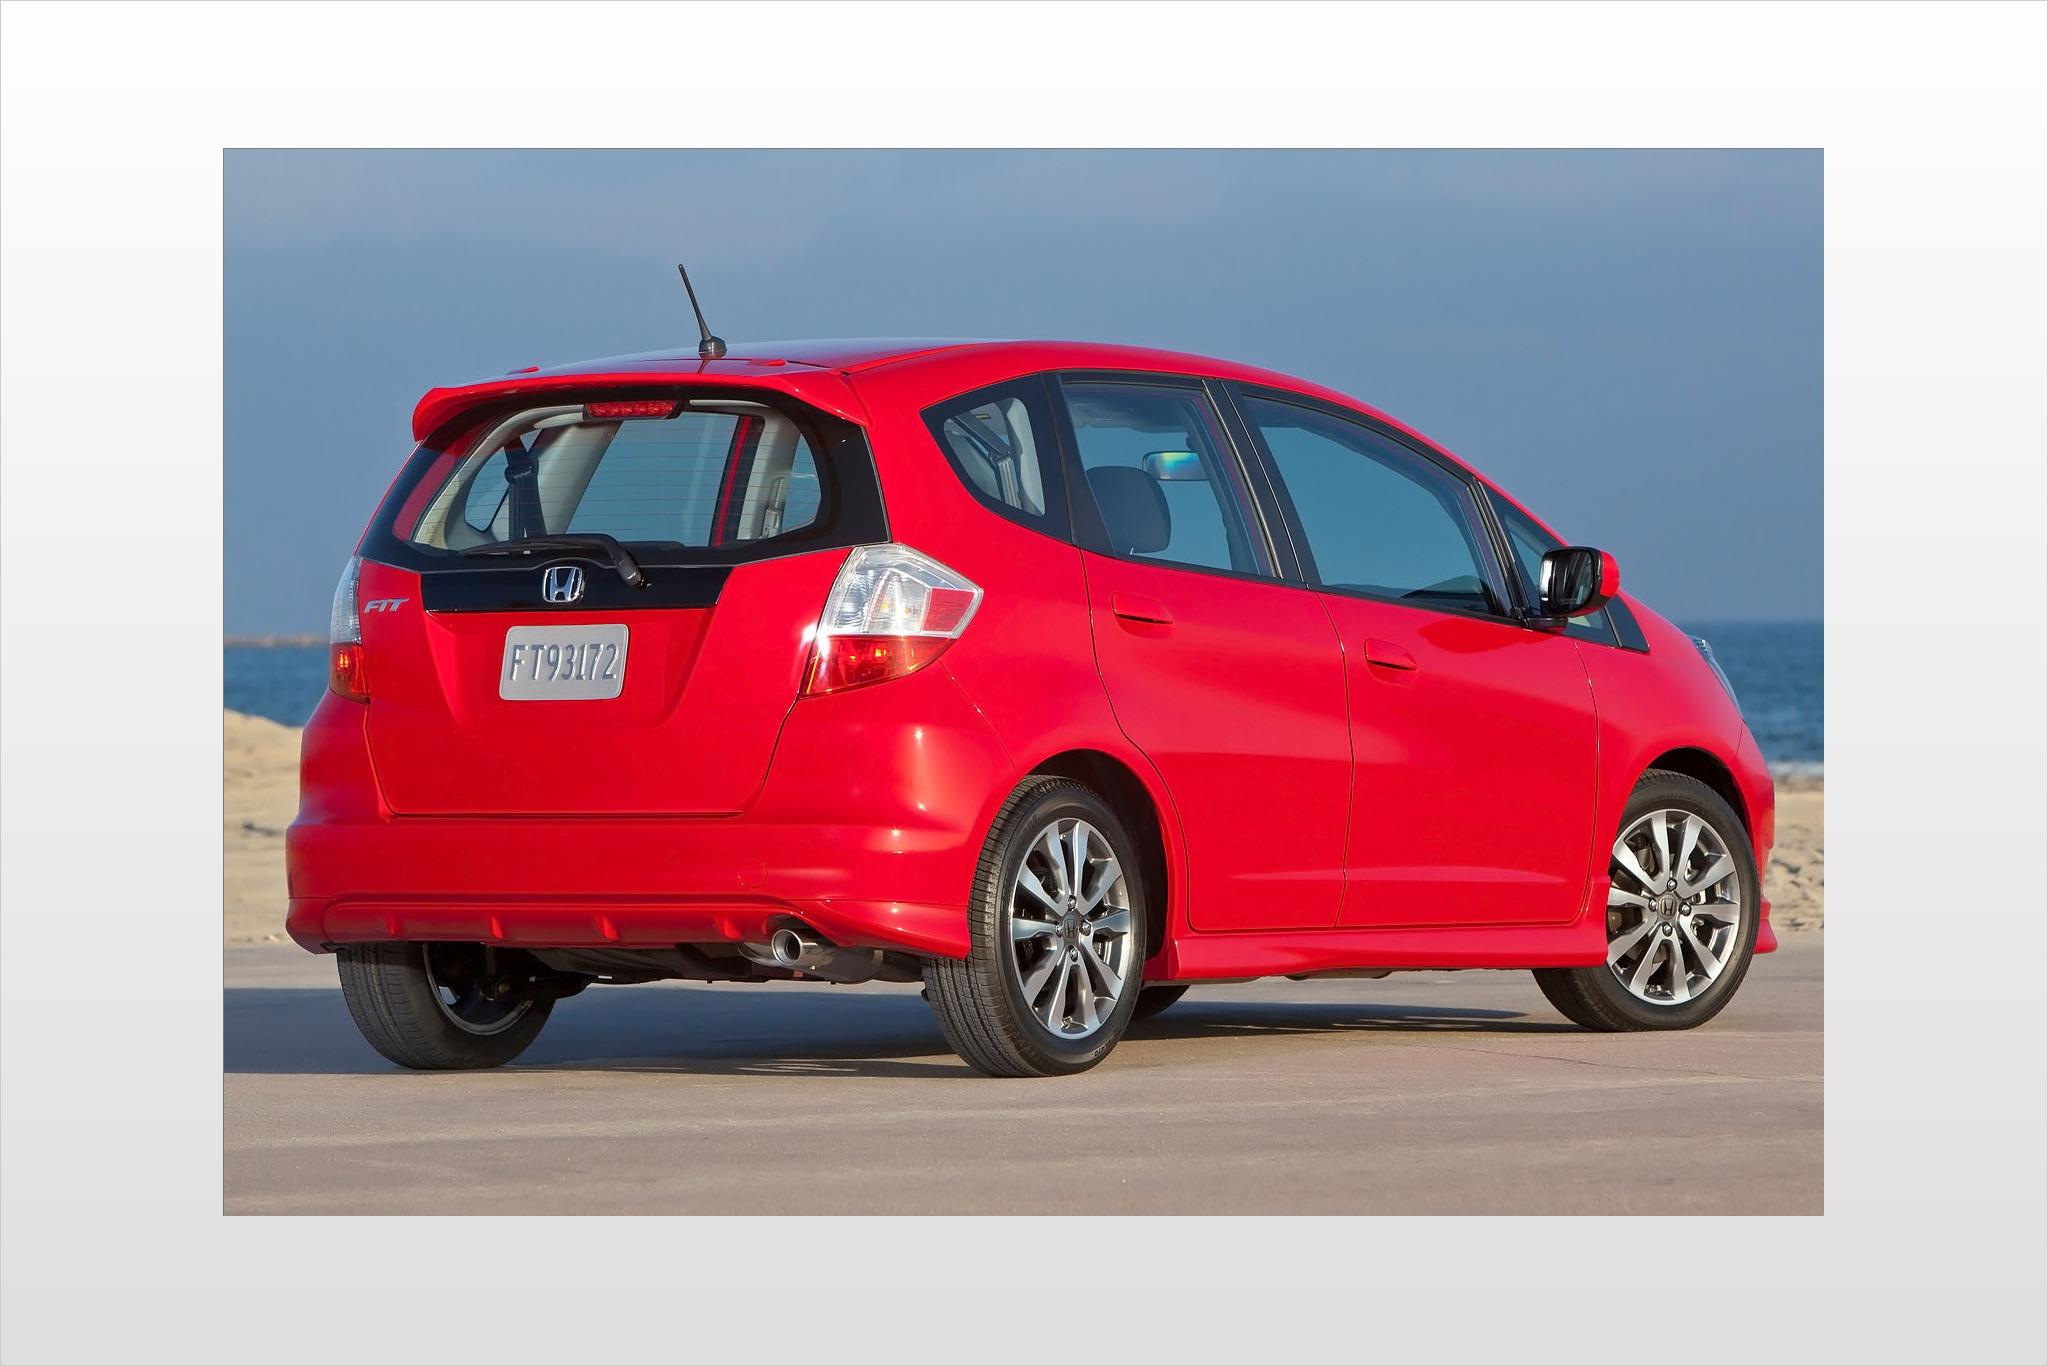 2013 Honda Fit Image 6